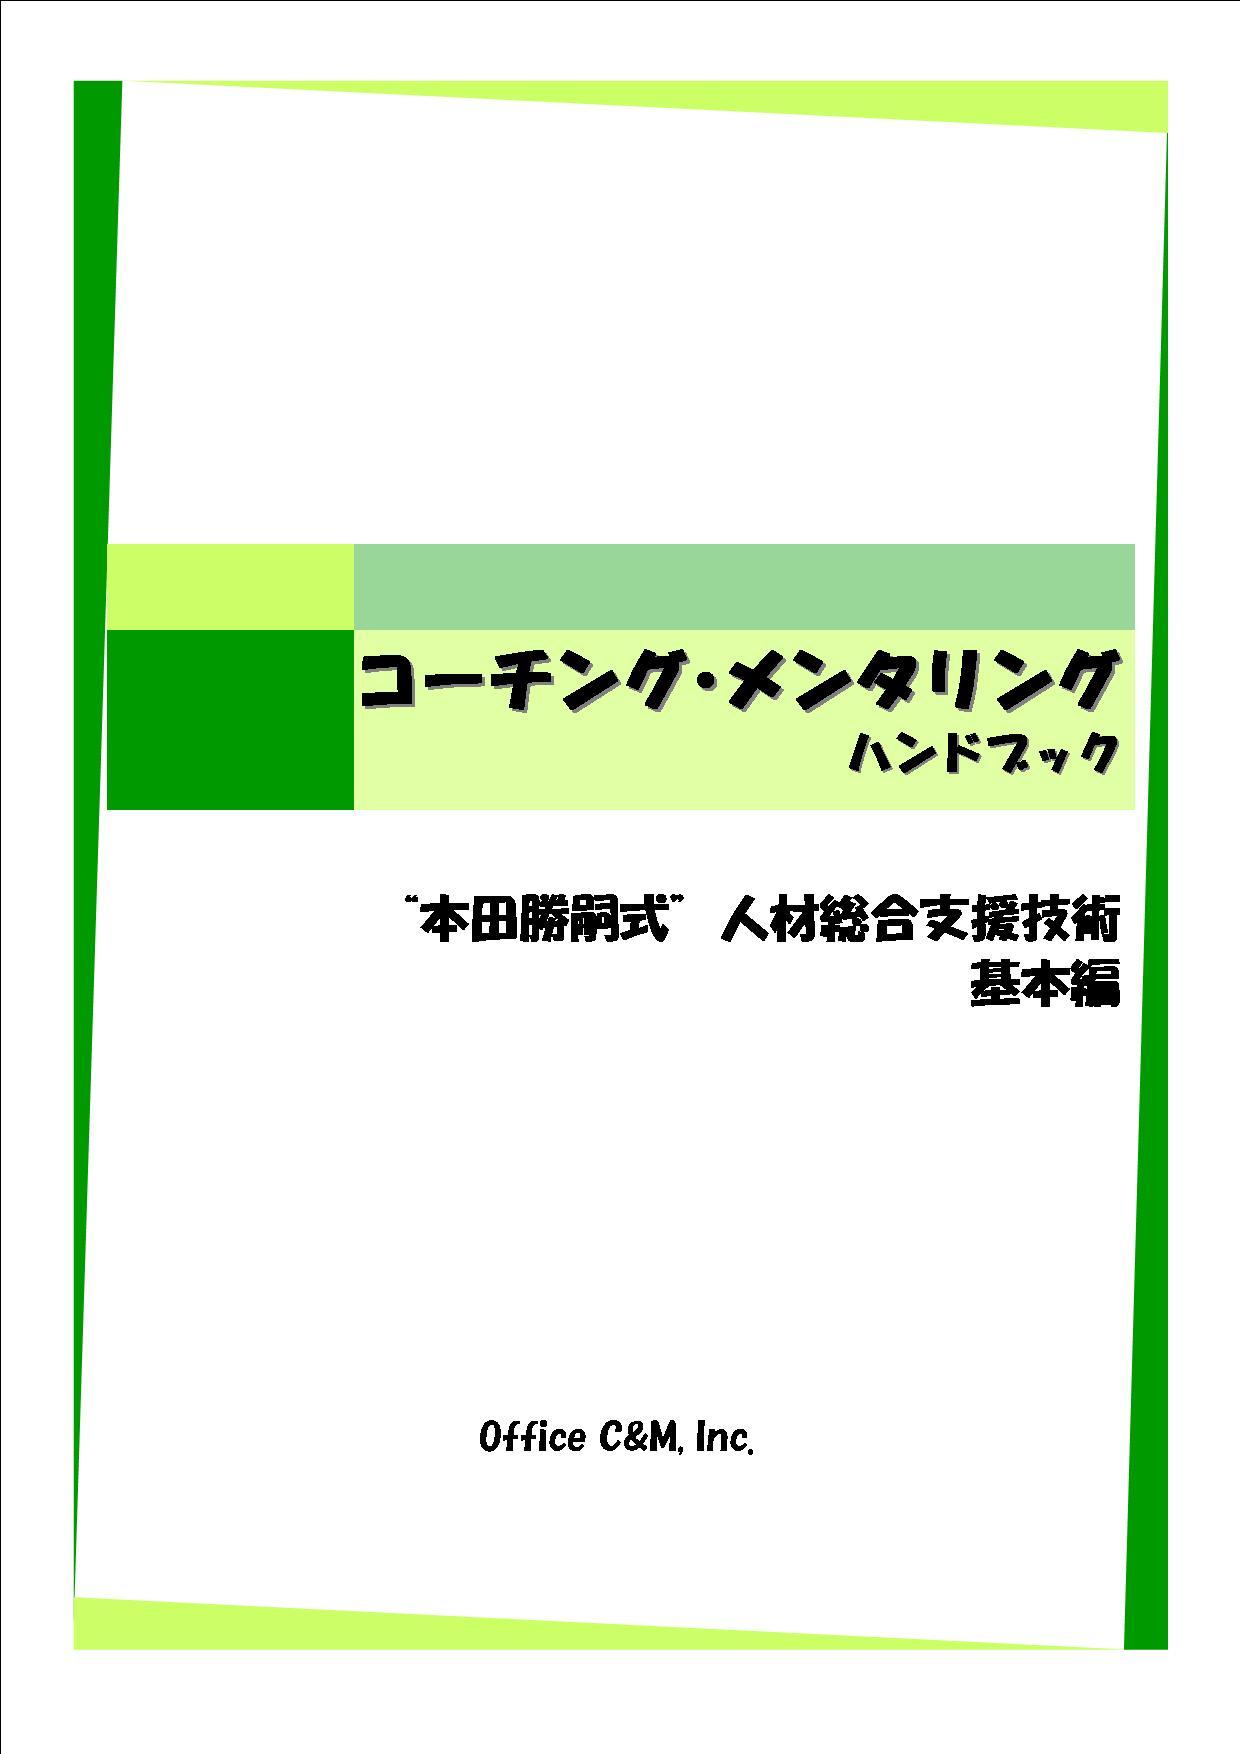 『コーチング・メンタリング法基本編』e-book版(音声セミナー、コーチングメンタリングに基づくメールサポート付)